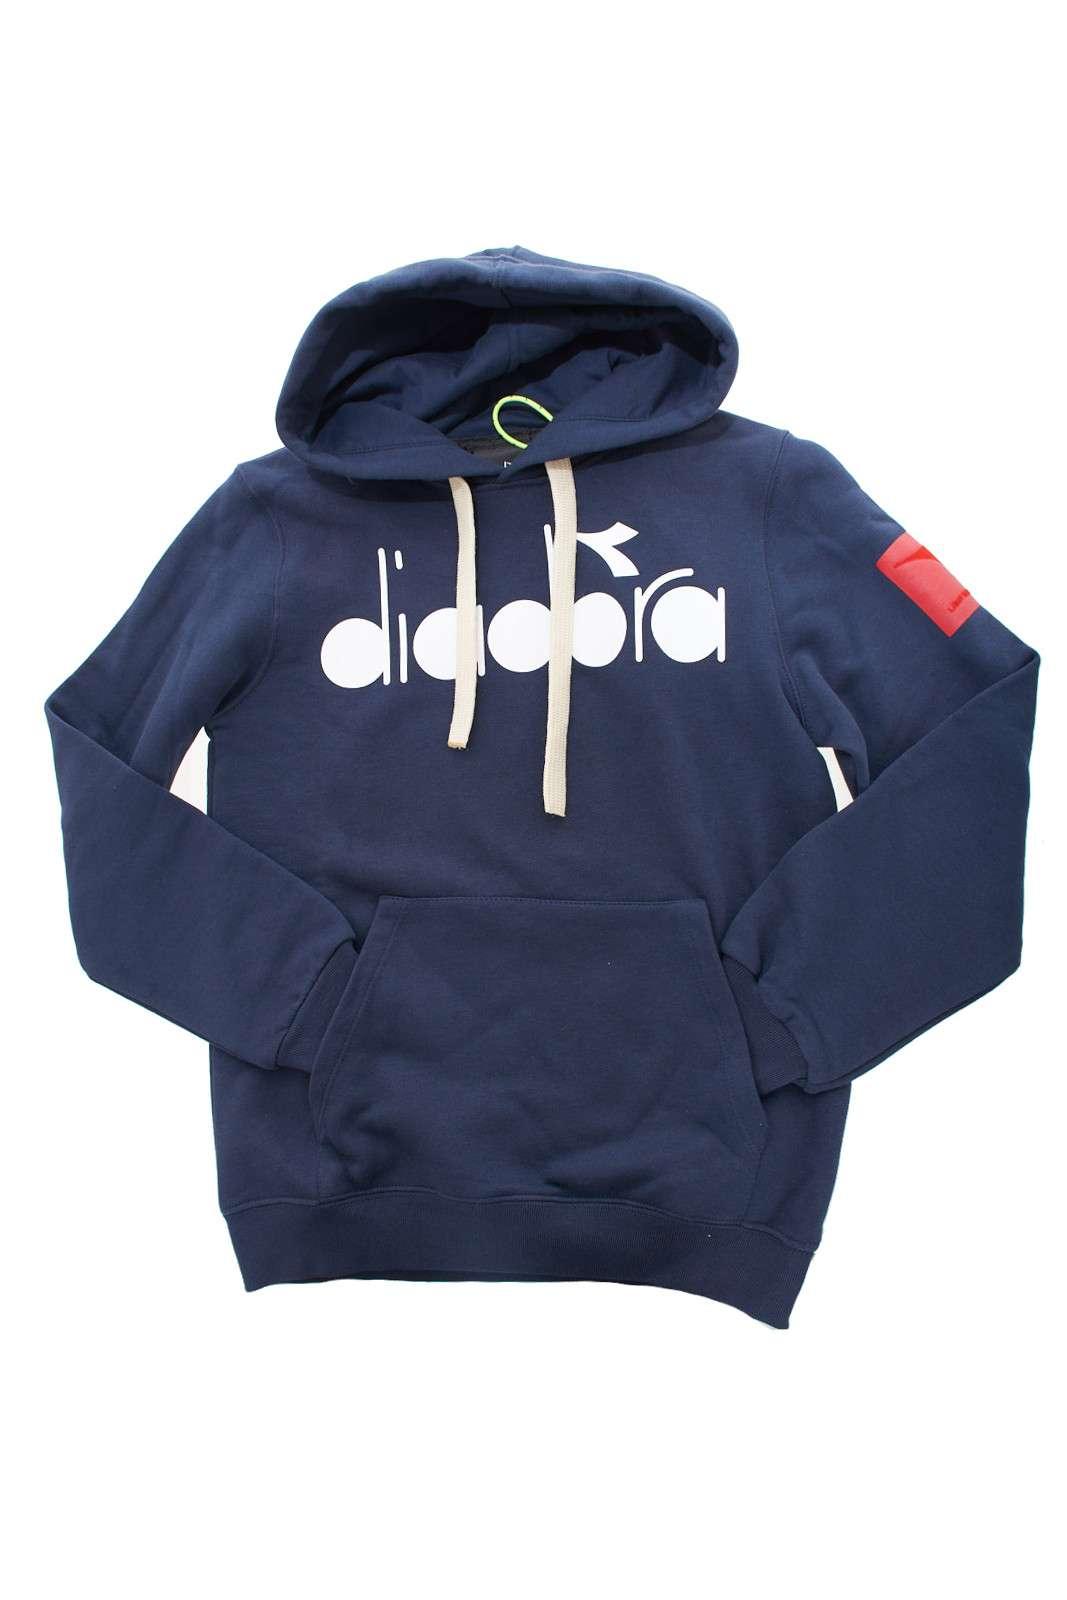 Scopri la nuova felpa firmata Diadora per la stagione primavera estate.  Il classico modello con cappuccio, impreziosita dalla stampa Diadora sul petto e il logo sulla manica.  Perfetta per i tipi di look più sportivi.